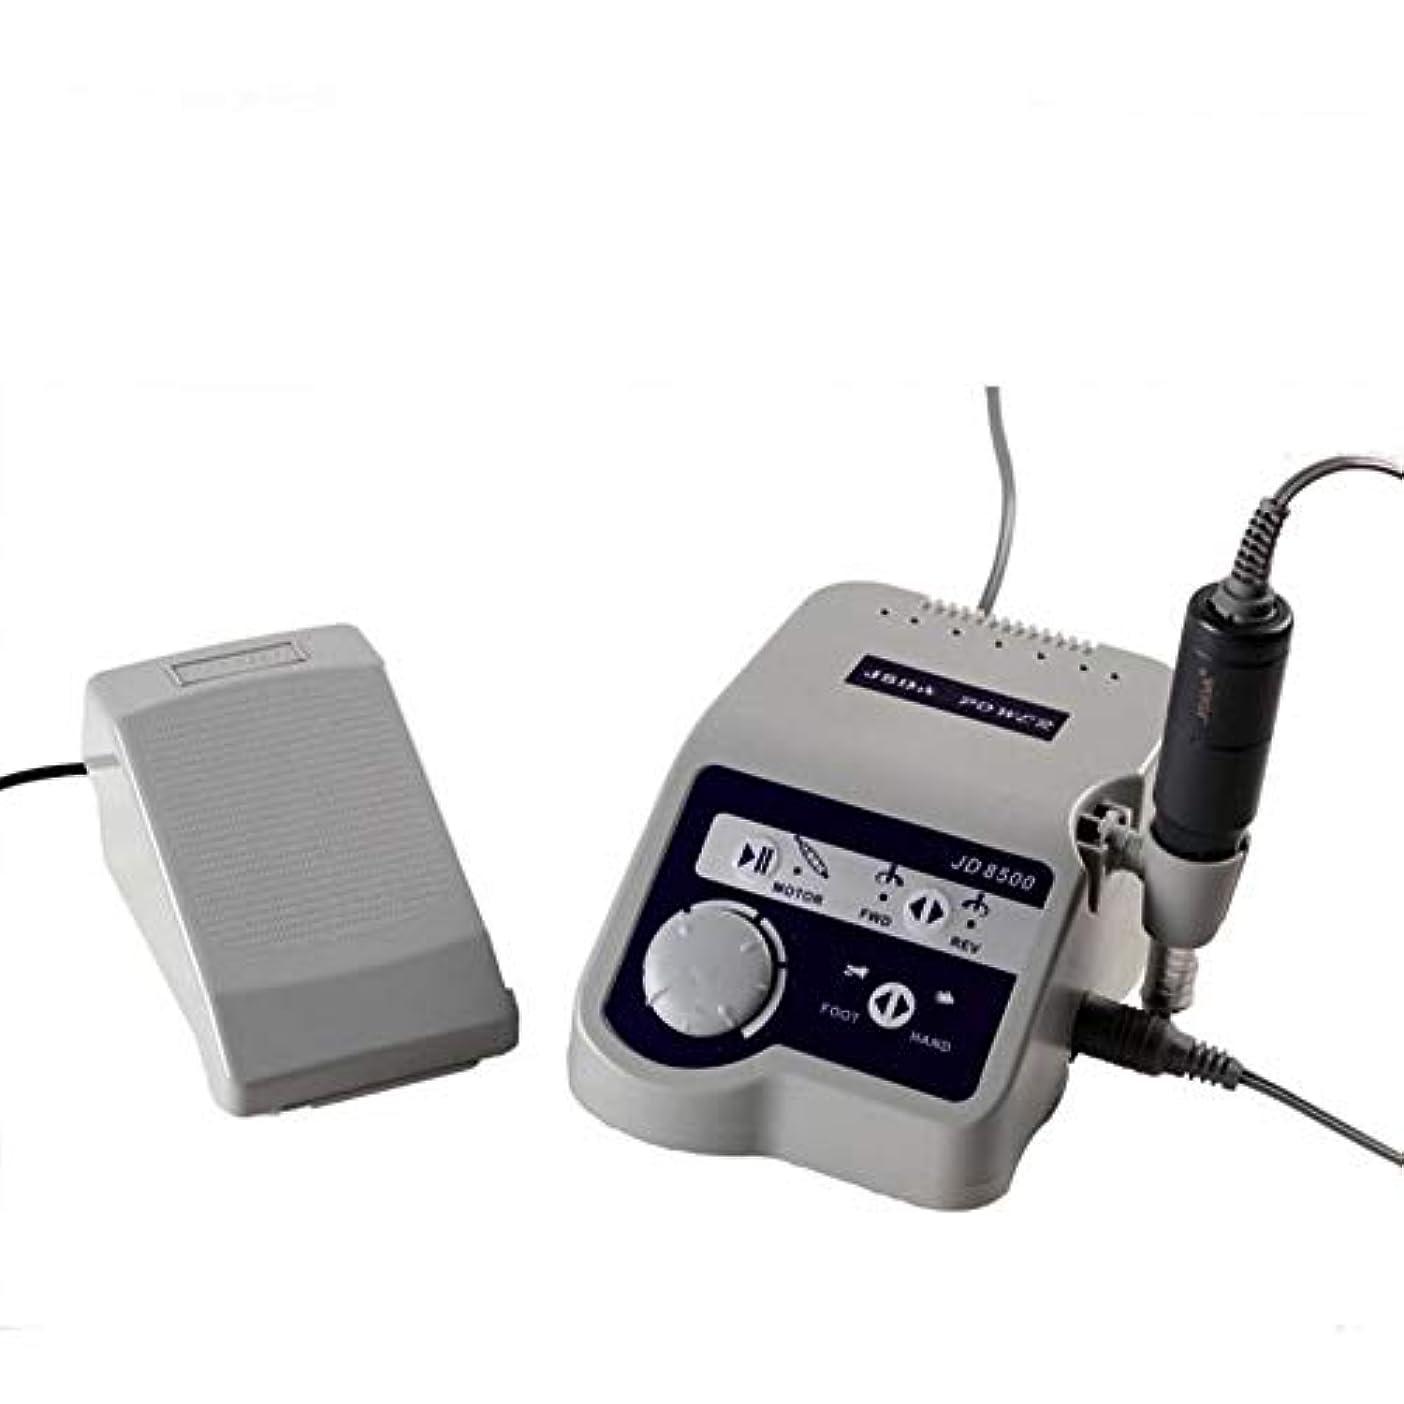 研磨ツールプロフェッショナル65W 35000 RPM電動ネイルドリルマニキュアツールペディキュアポリッシャーマシンネイルアート機器